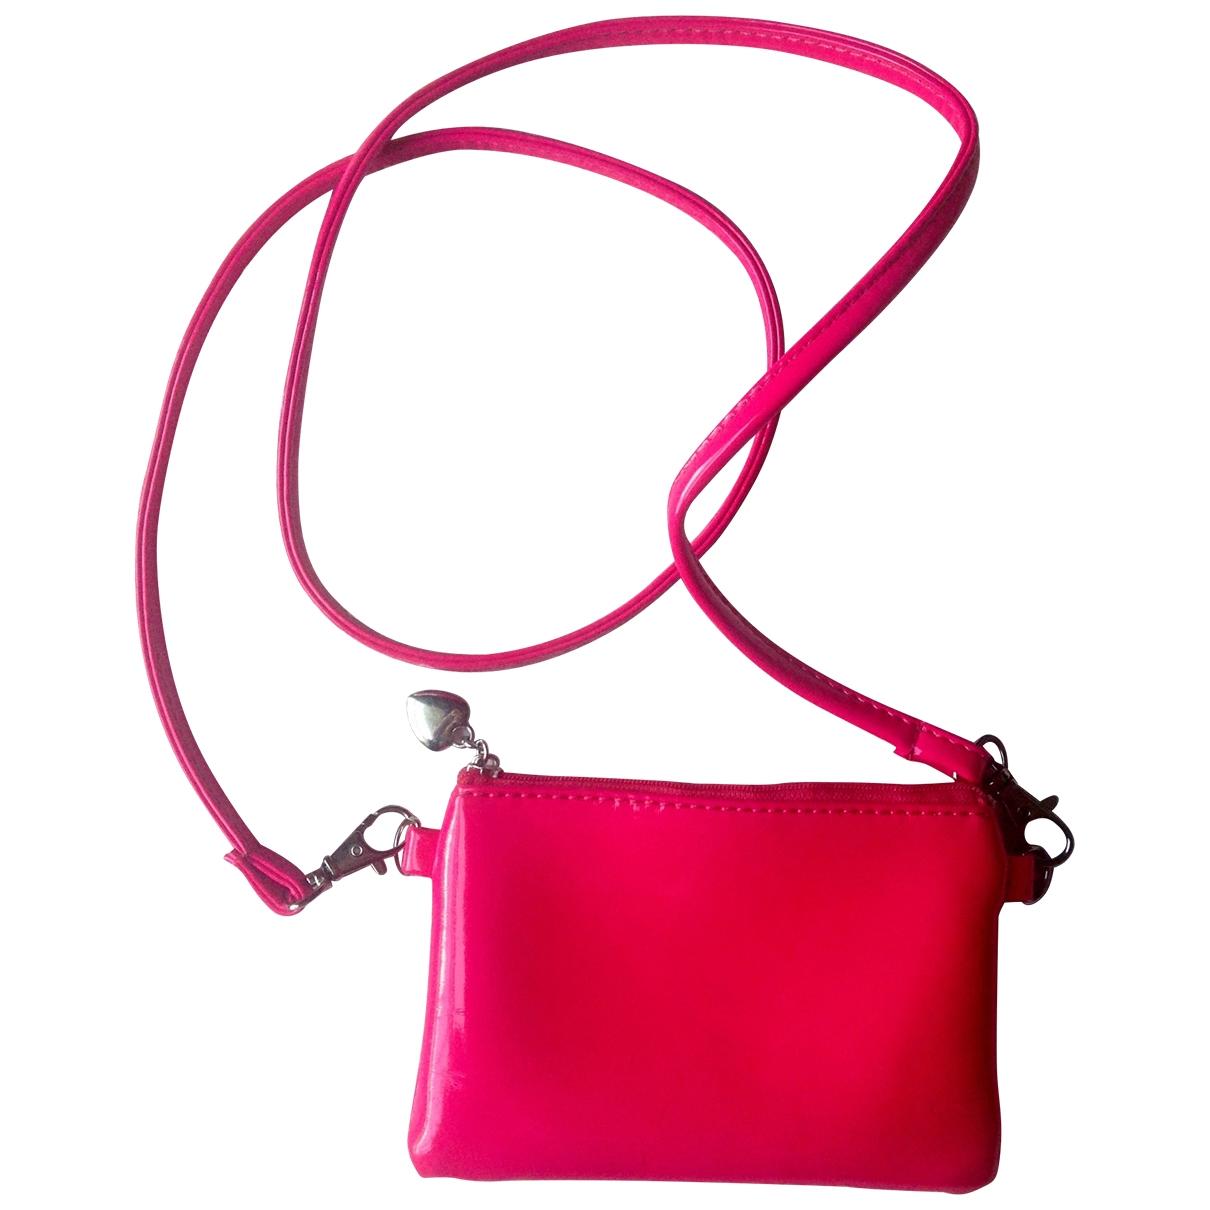 Bolsos clutch en Plastico Rosa Non Signe / Unsigned